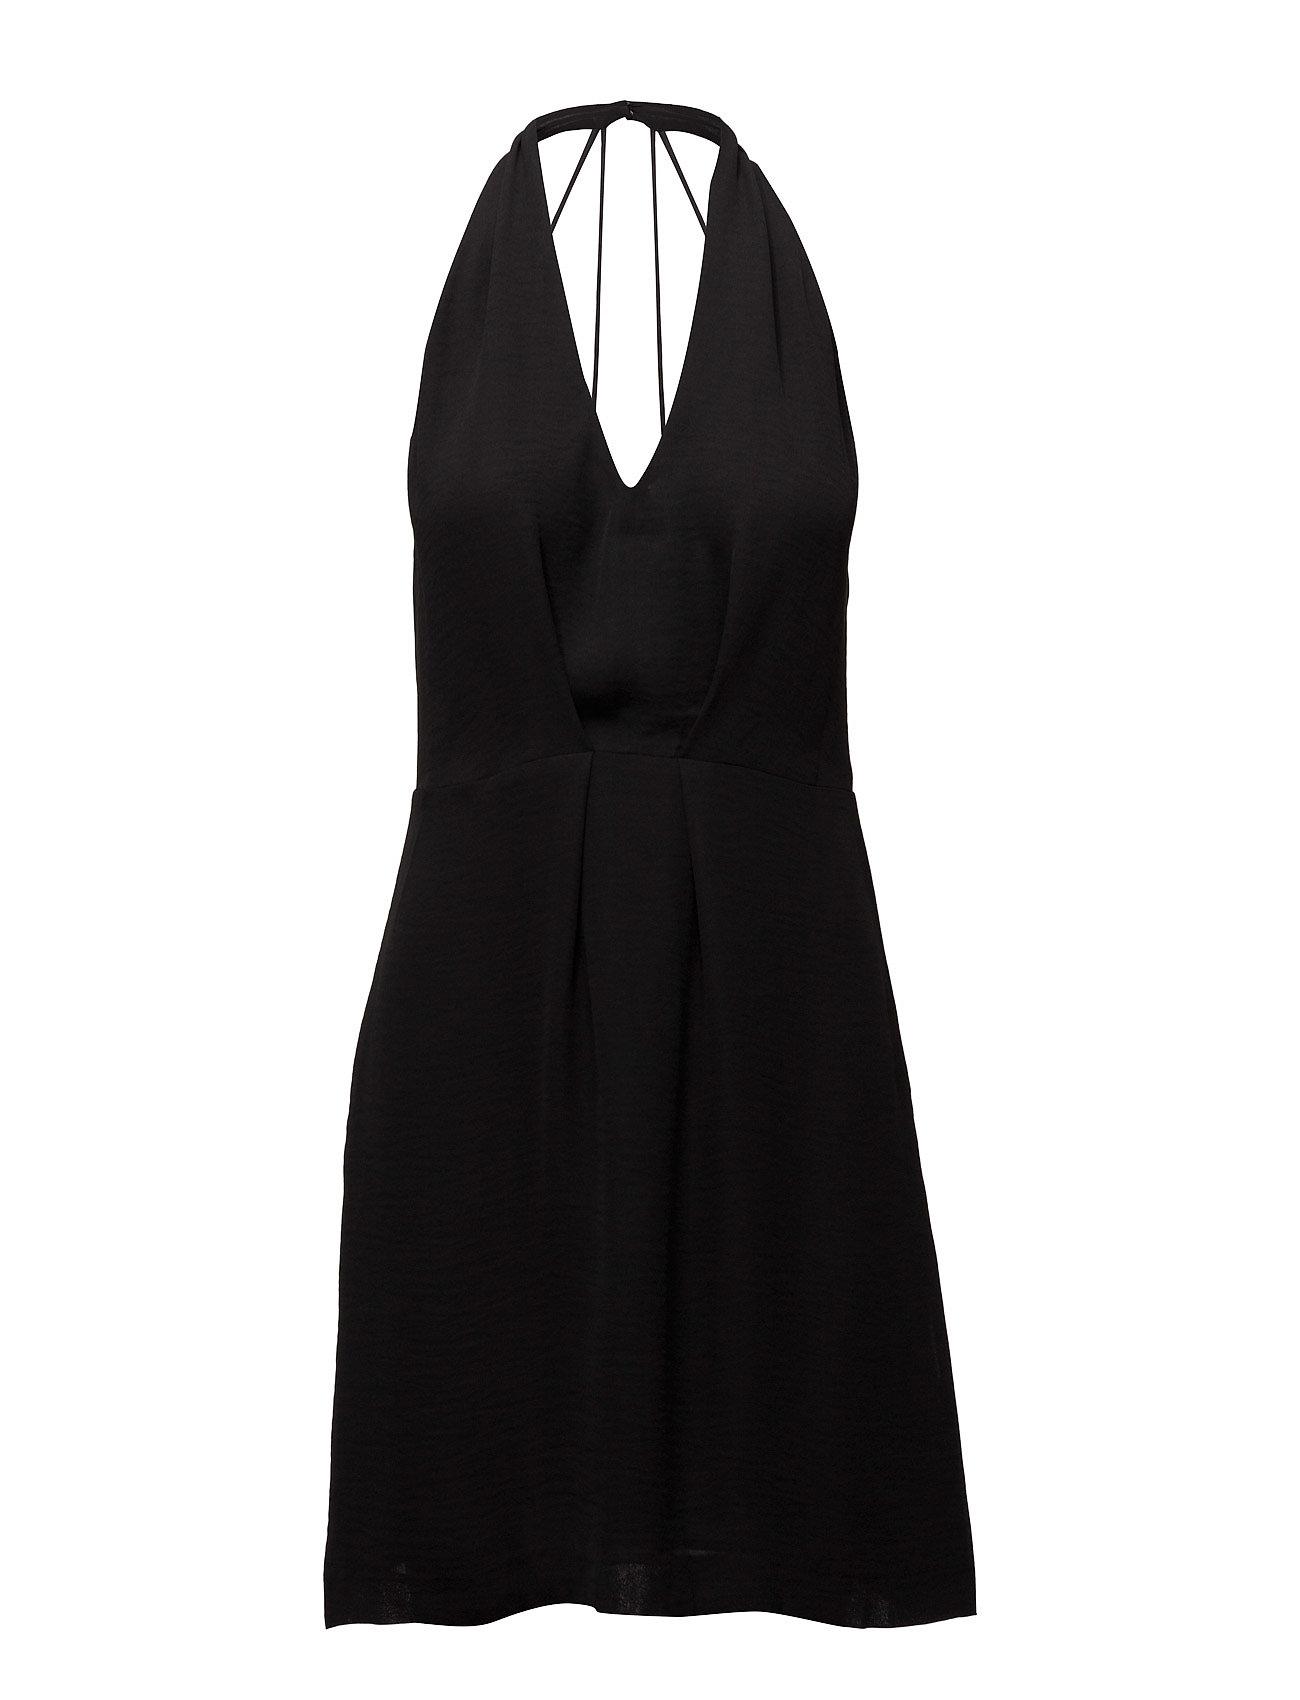 Hannah S Dress 7369 Samsøe & Samsøe Korte kjoler til Damer i Sort